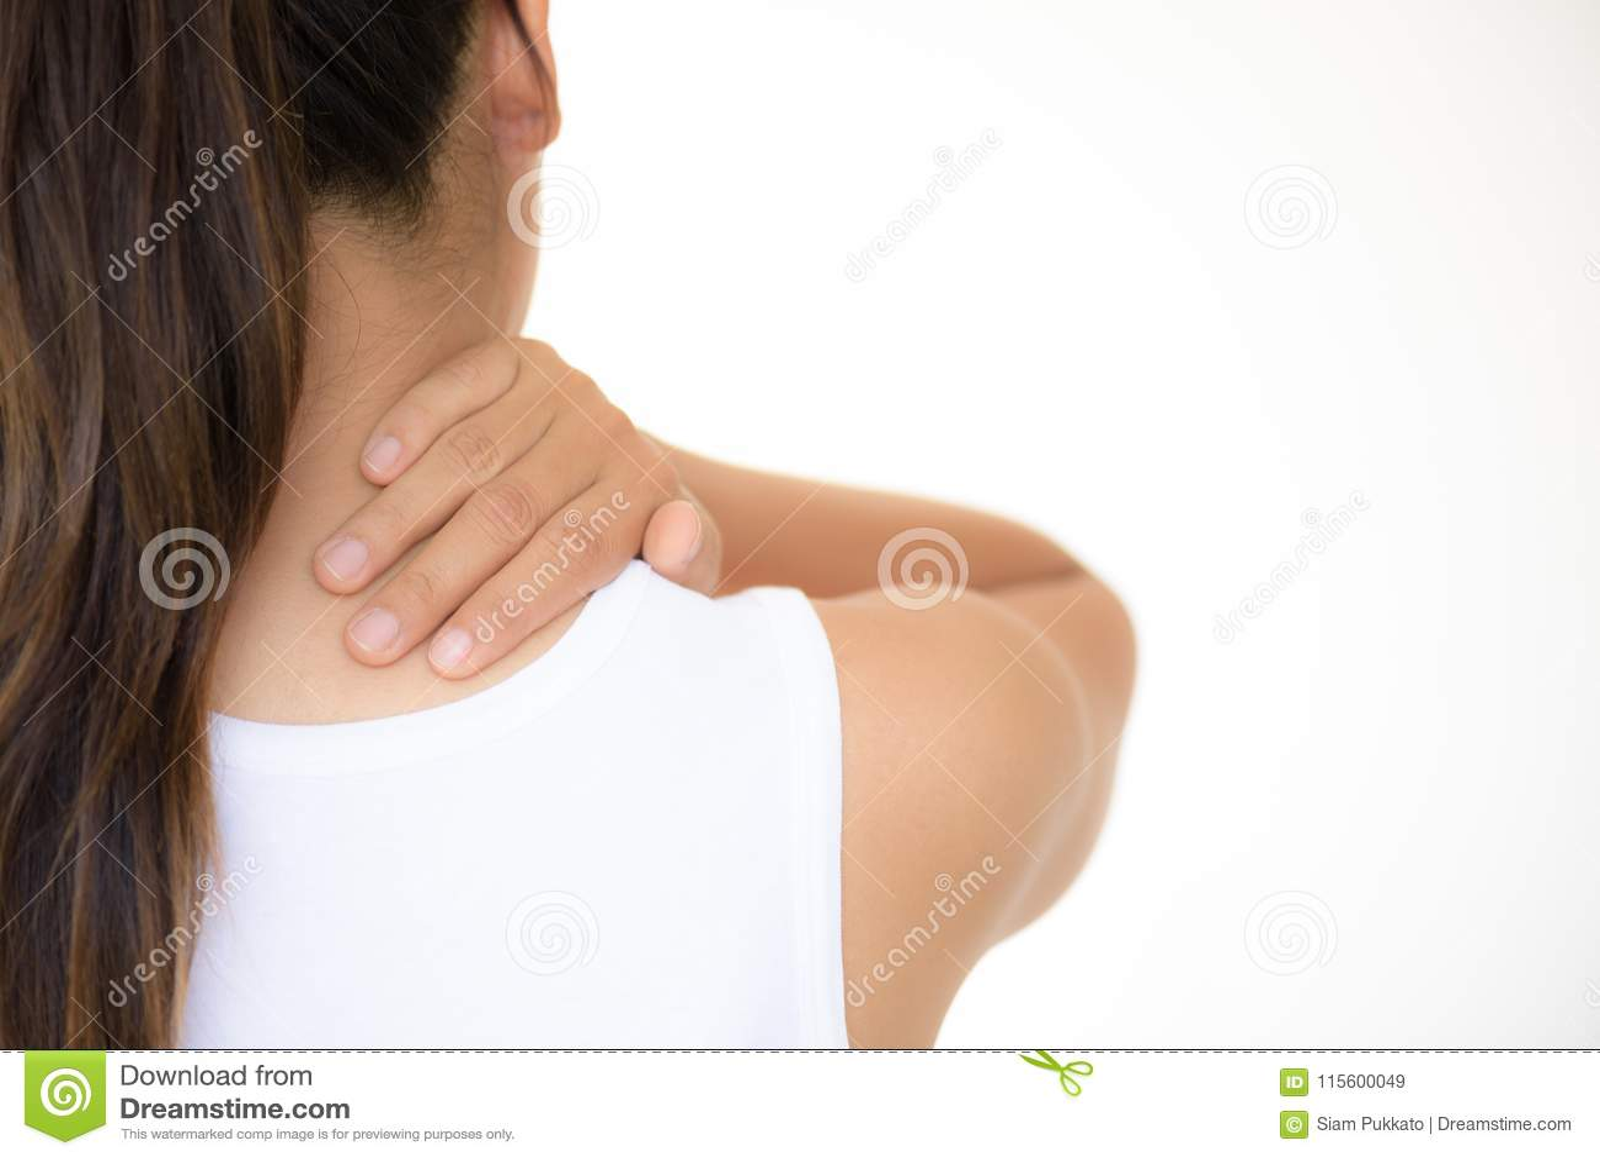 Pescoço da mulher do close up e dor e ferimento do ombro